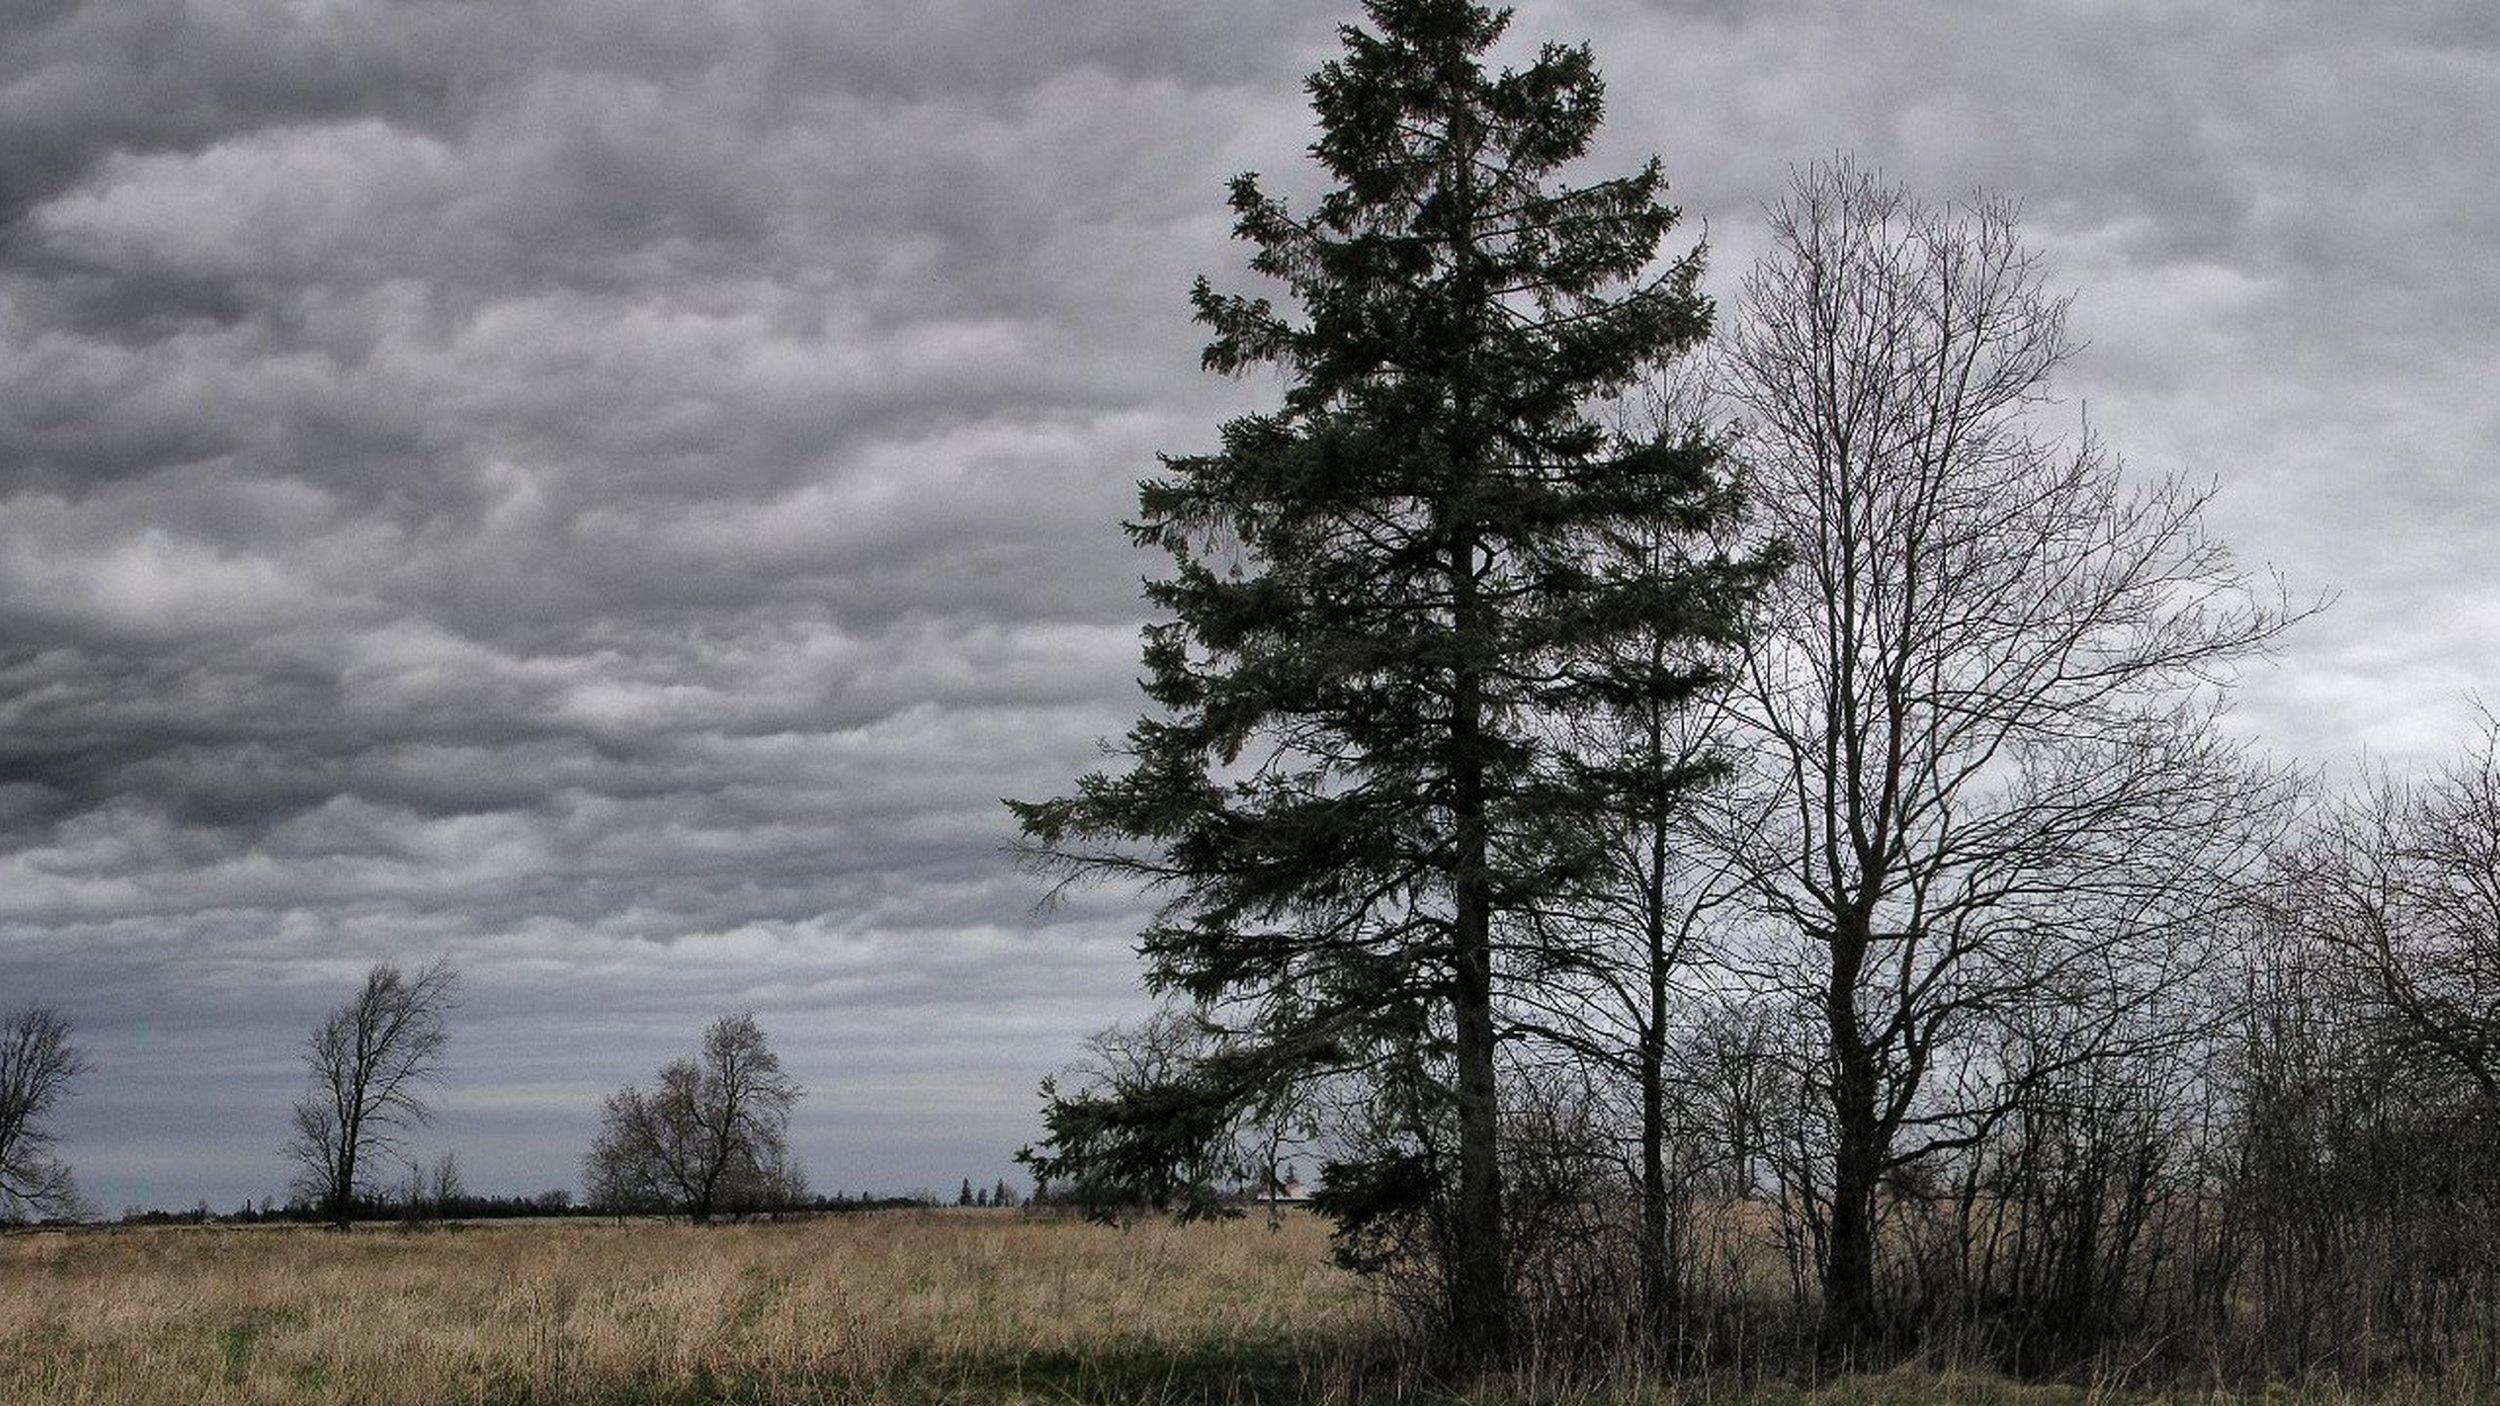 Ultra HD, 4K, Landscape, 87324728.jpg